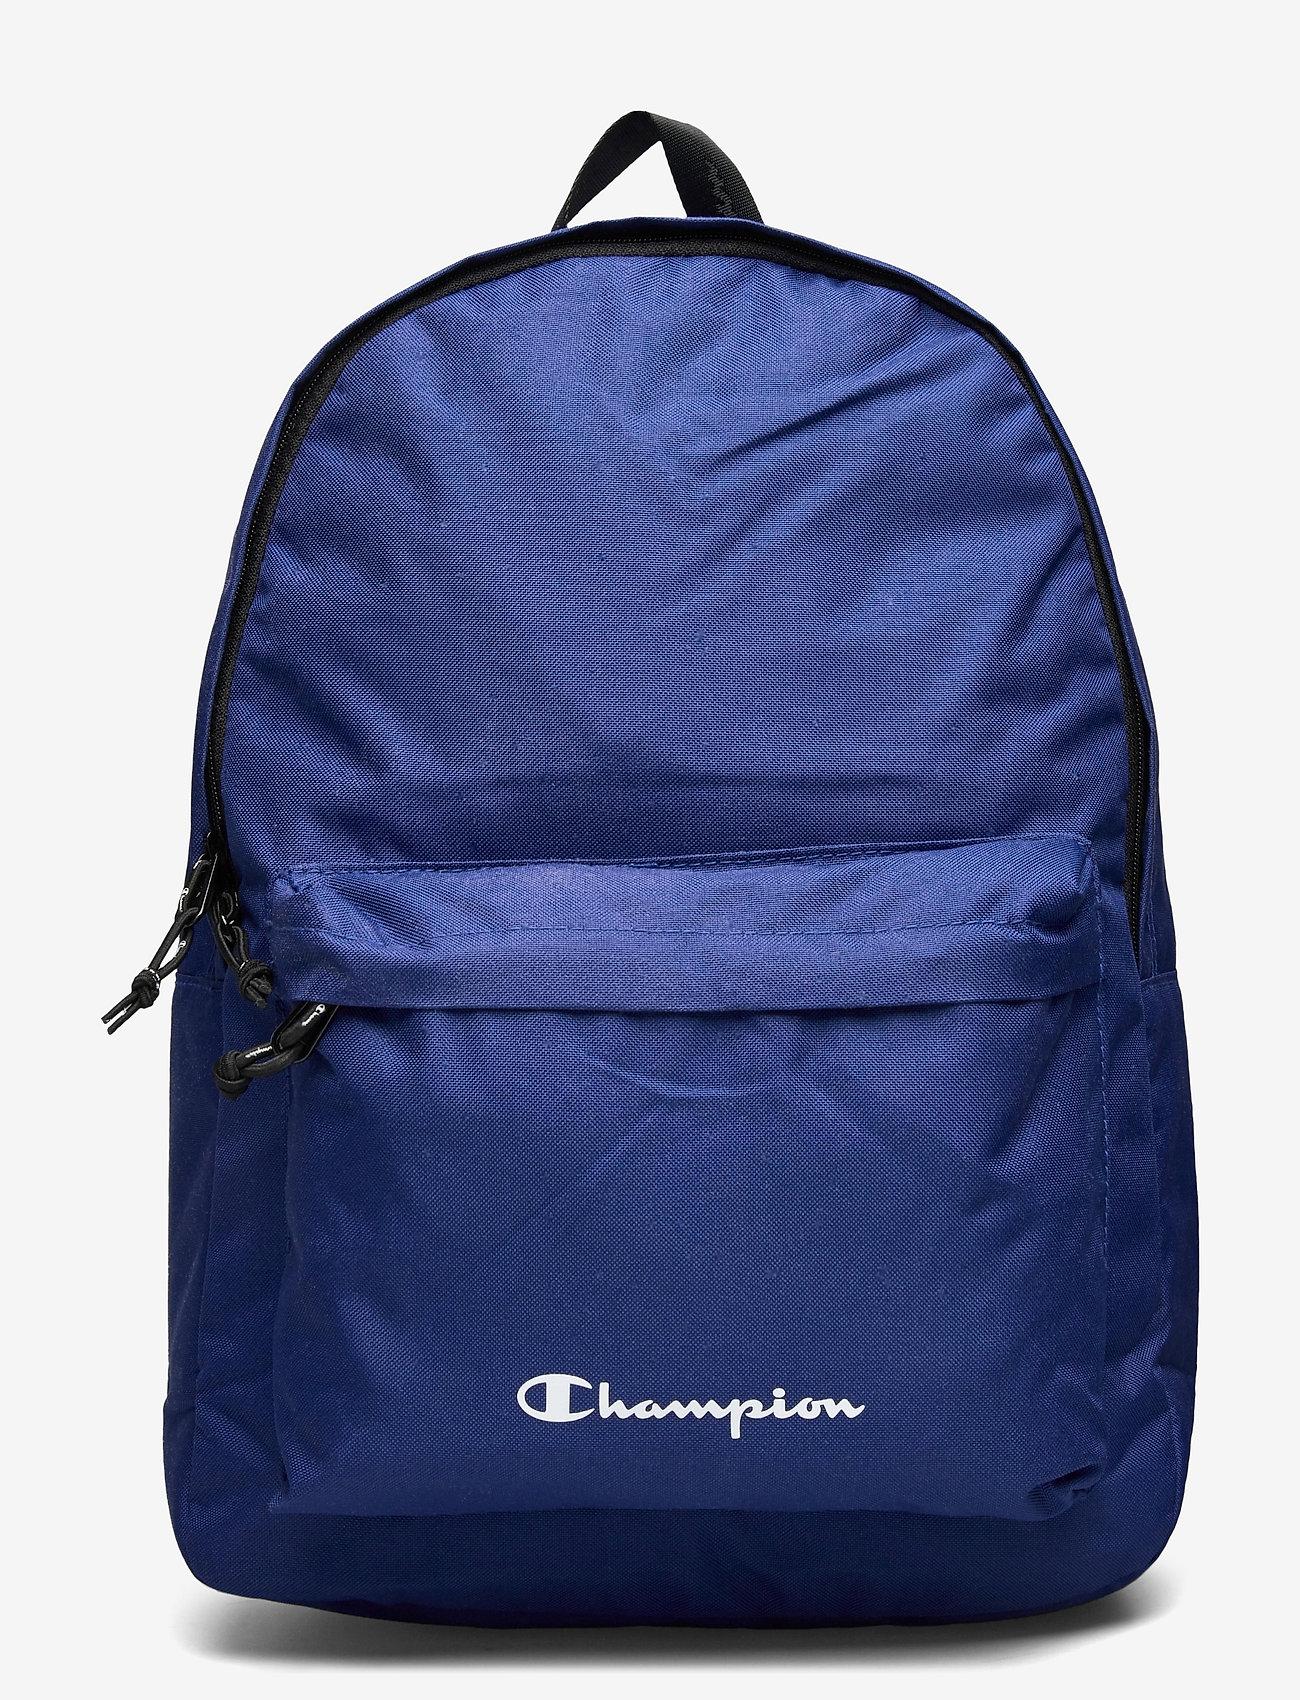 Champion - Backpack - trainingstassen - mazarine blue - 0